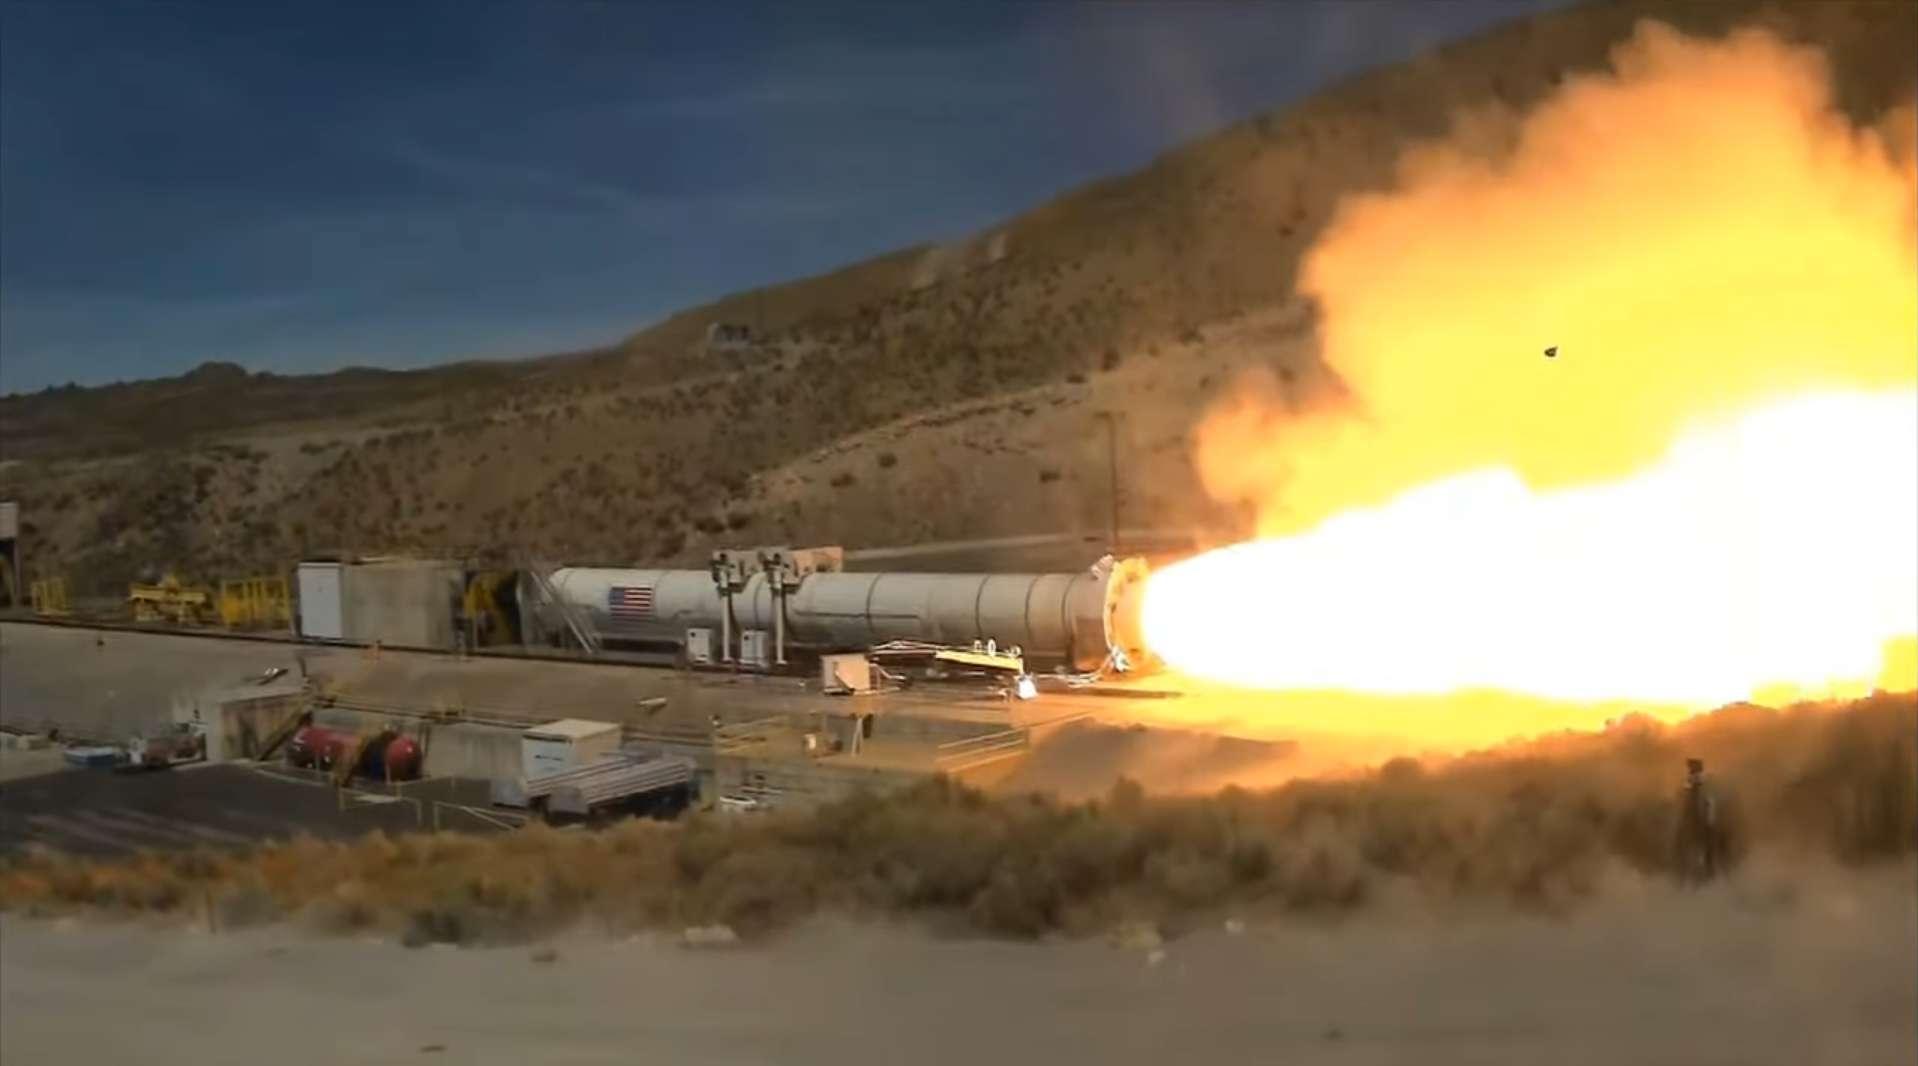 Test du booster de soutien, destiné à assurer 75 % de la propulsion de la fusée SLS lors des futures missions Artemis. © Nasa, Youtube